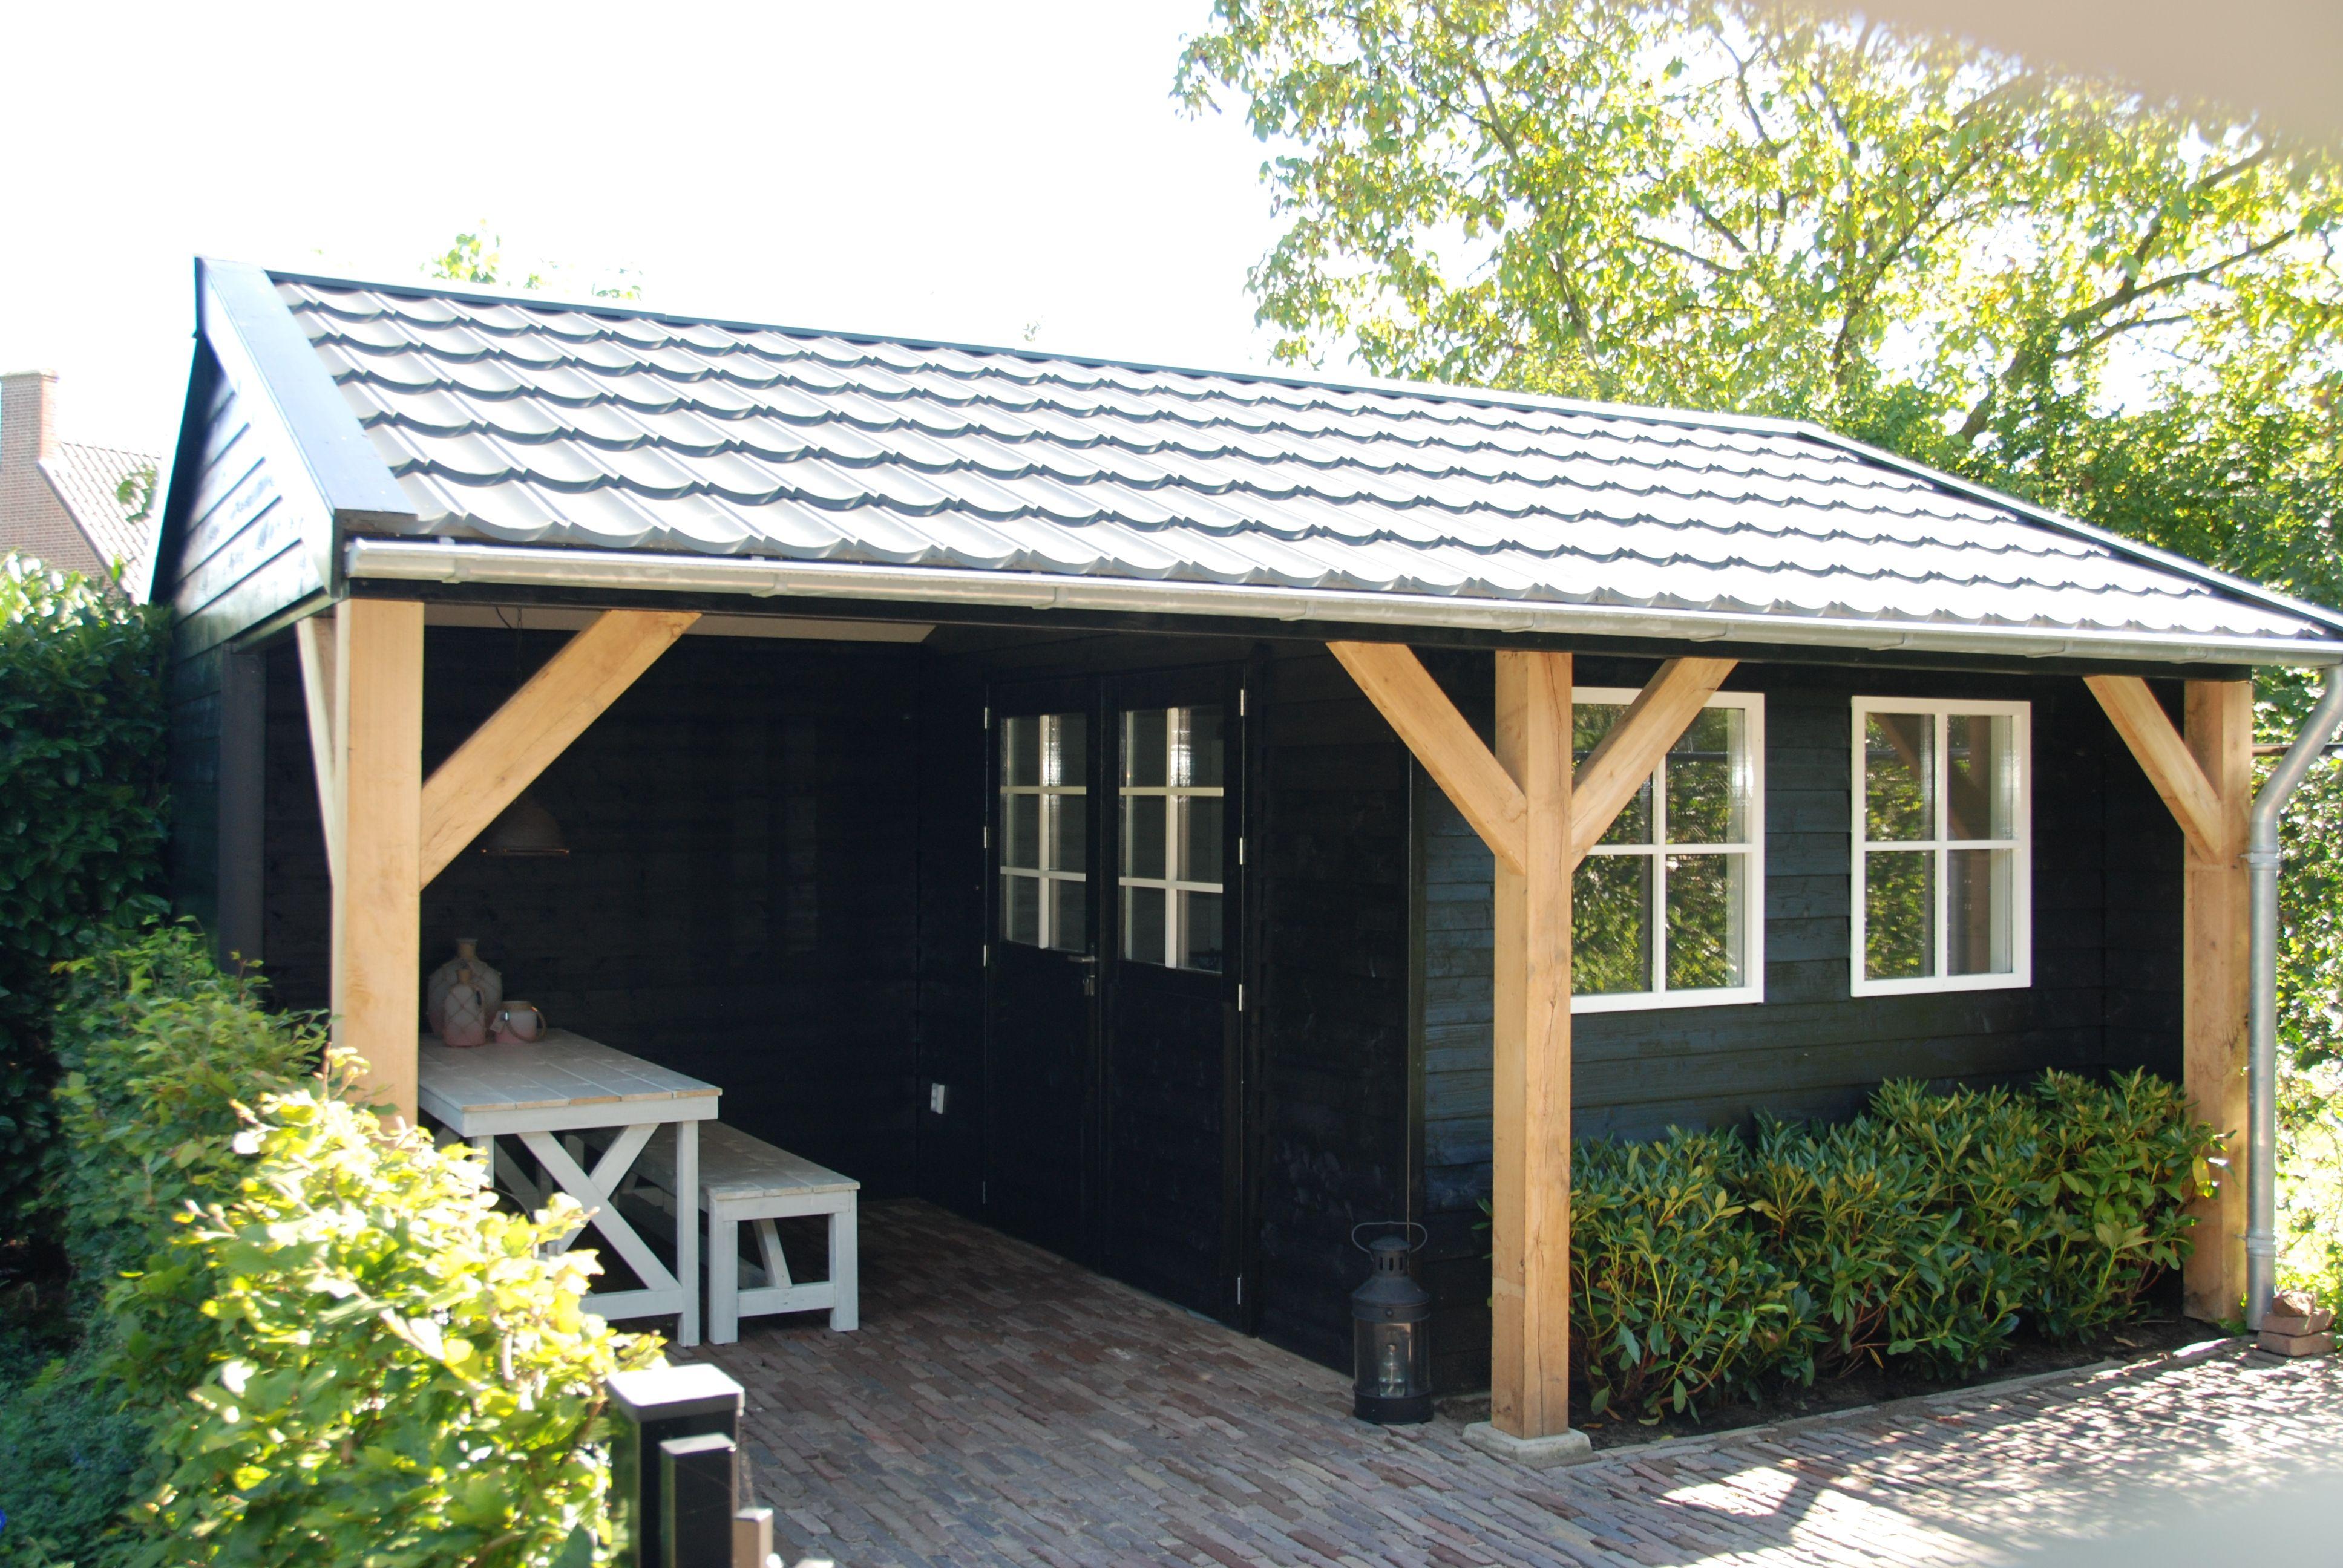 Garage Met Veranda : Cape cod garage met veranda in l vorm in sint maarten gommers